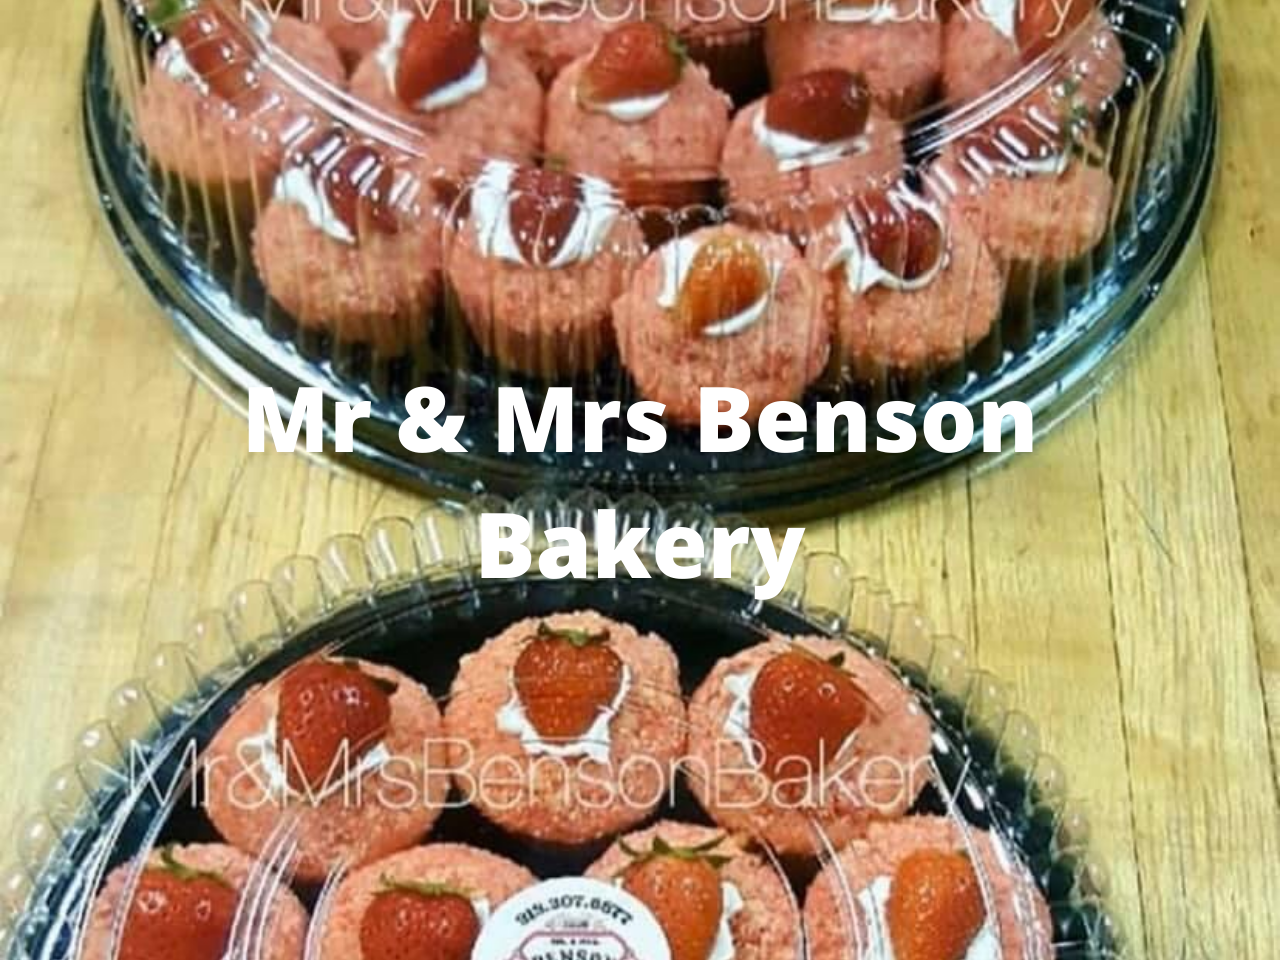 Mr & Mrs Benson Baker